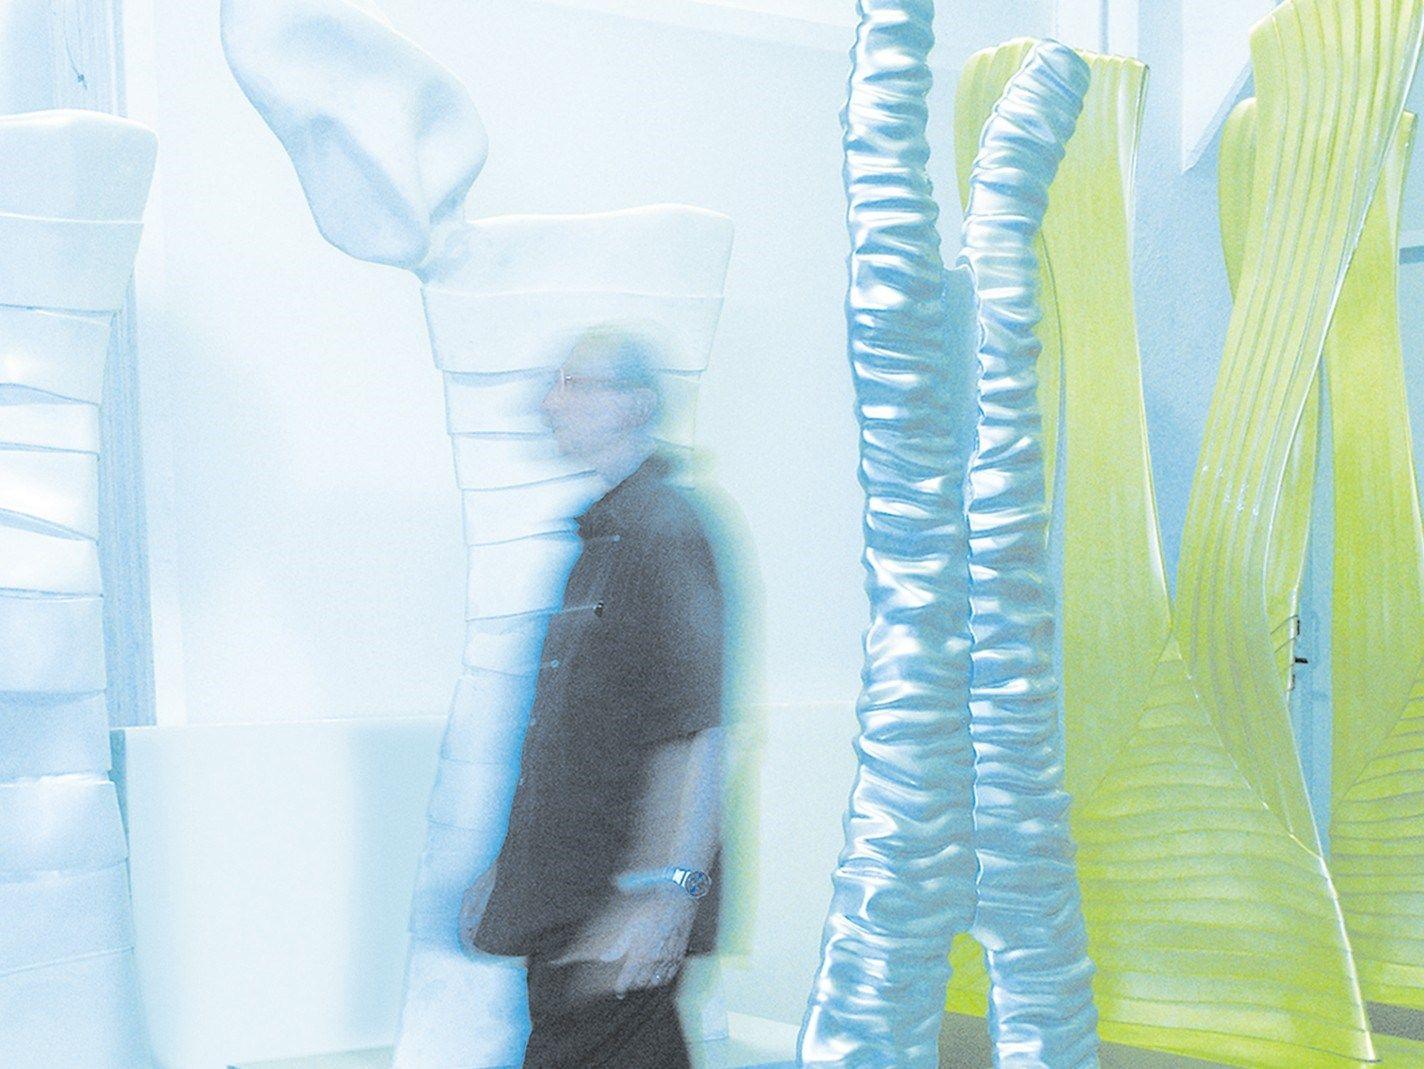 GHOST, installazione di Flavio Lucchini